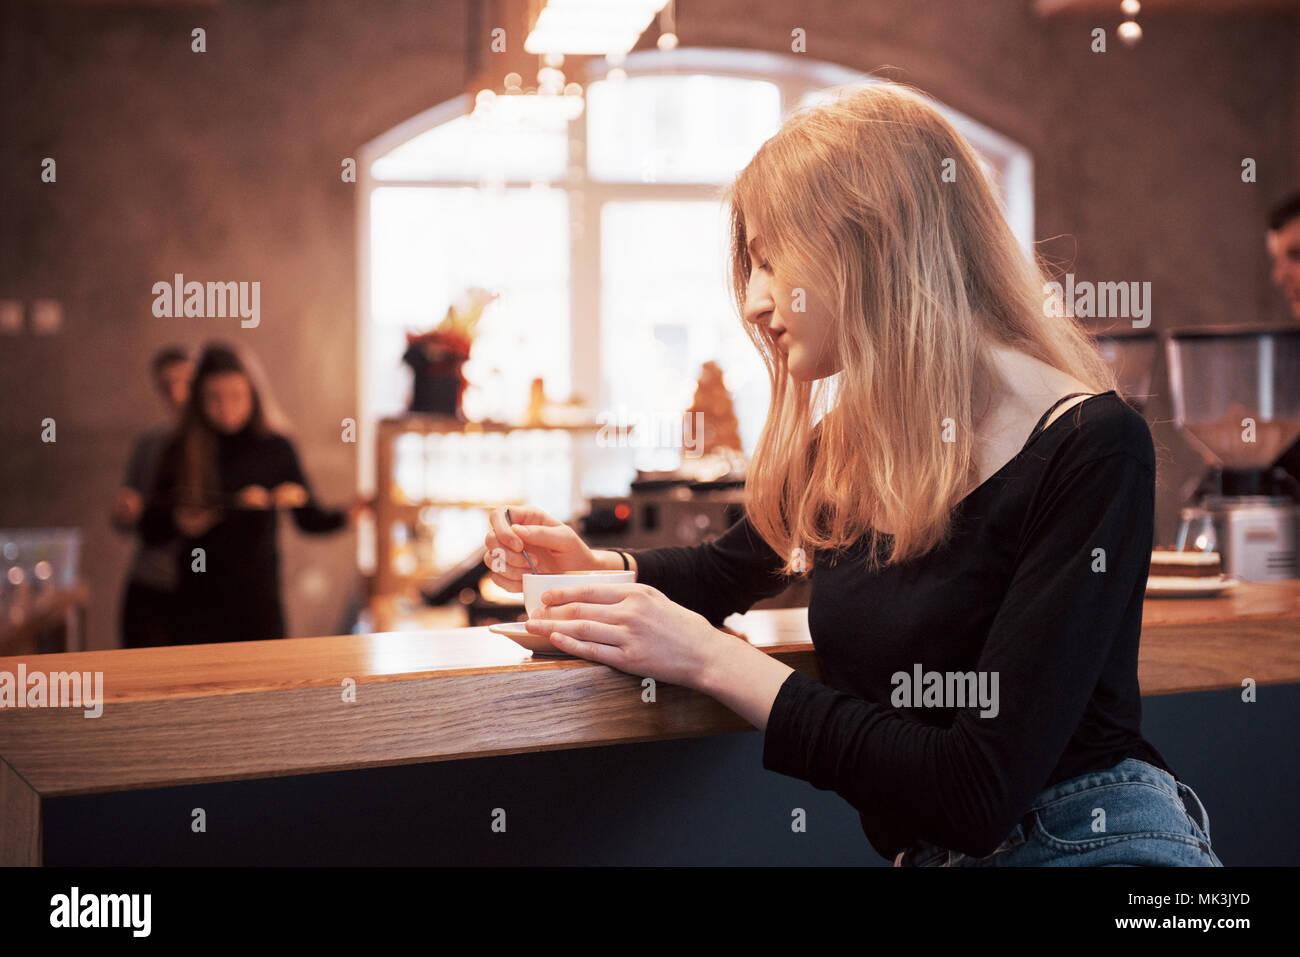 Lächelnde Frau im Cafe über Handy und SMS in sozialen Netzwerken, allein sitzen Stockbild